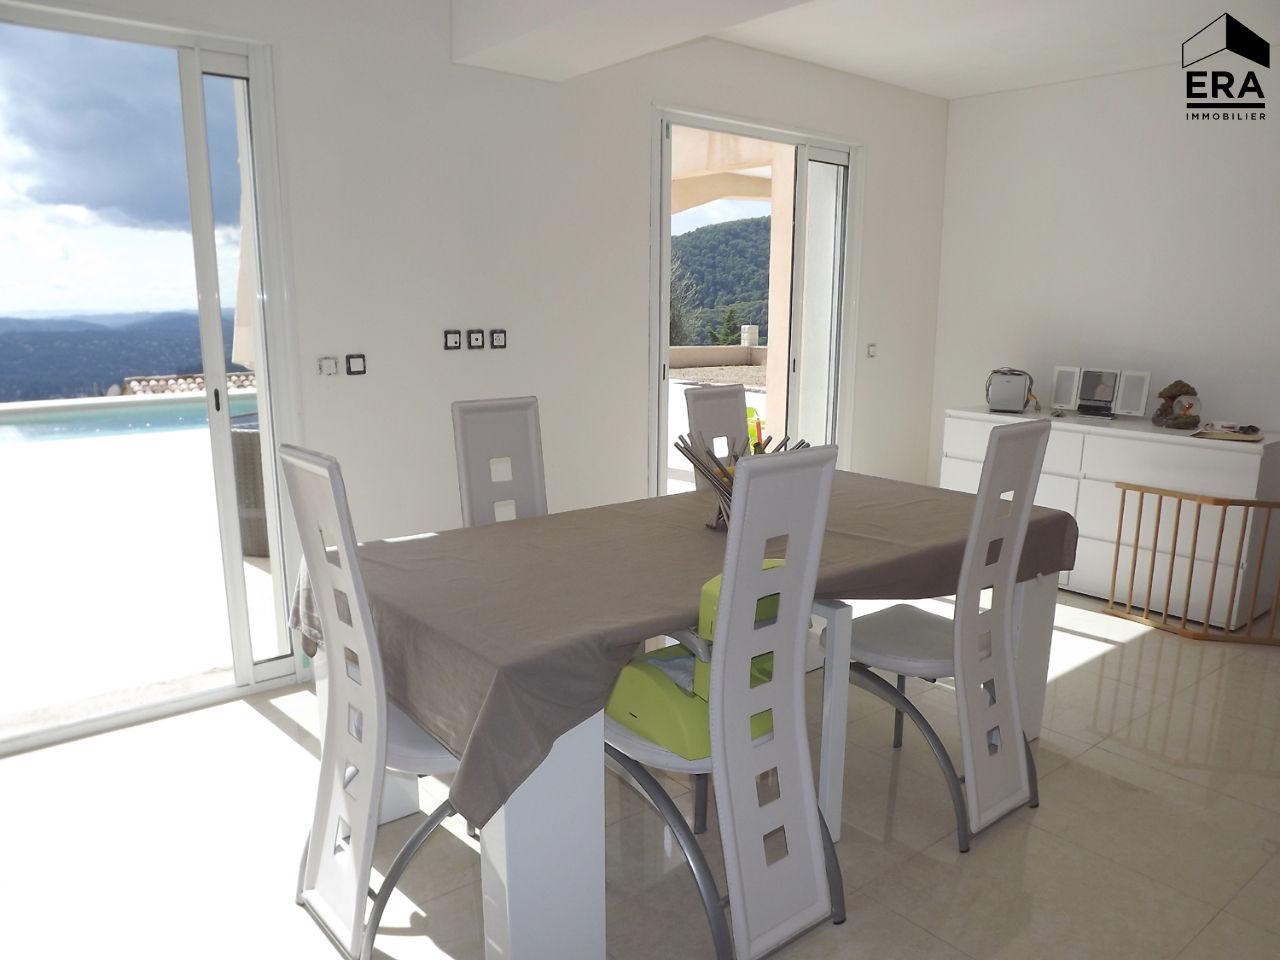 Magnifique villa neuve 200m 5 chambres terrasse et for Prix maison neuve 2 chambres